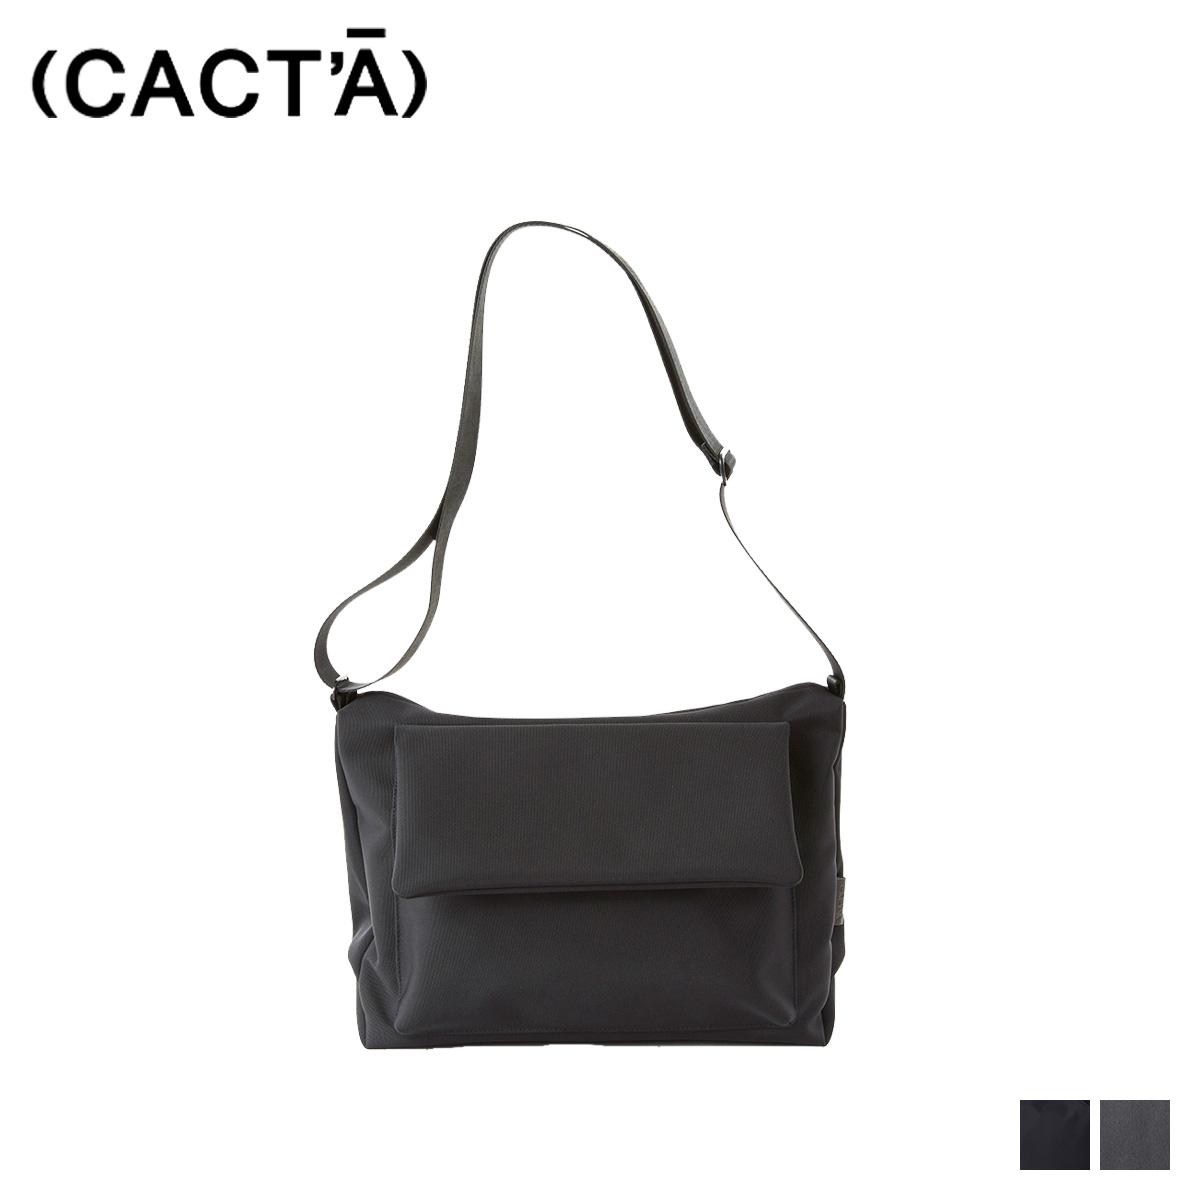 送料無料 あす楽対応 カクタ CACTA ショルダーバッグ カバン 鞄 最大600円OFFクーポン バッグ メンズ 1008 本日限定 黒 グレー COLON 並行輸入品 FLAP ブラック SHOULDER レディース HOLIDAY